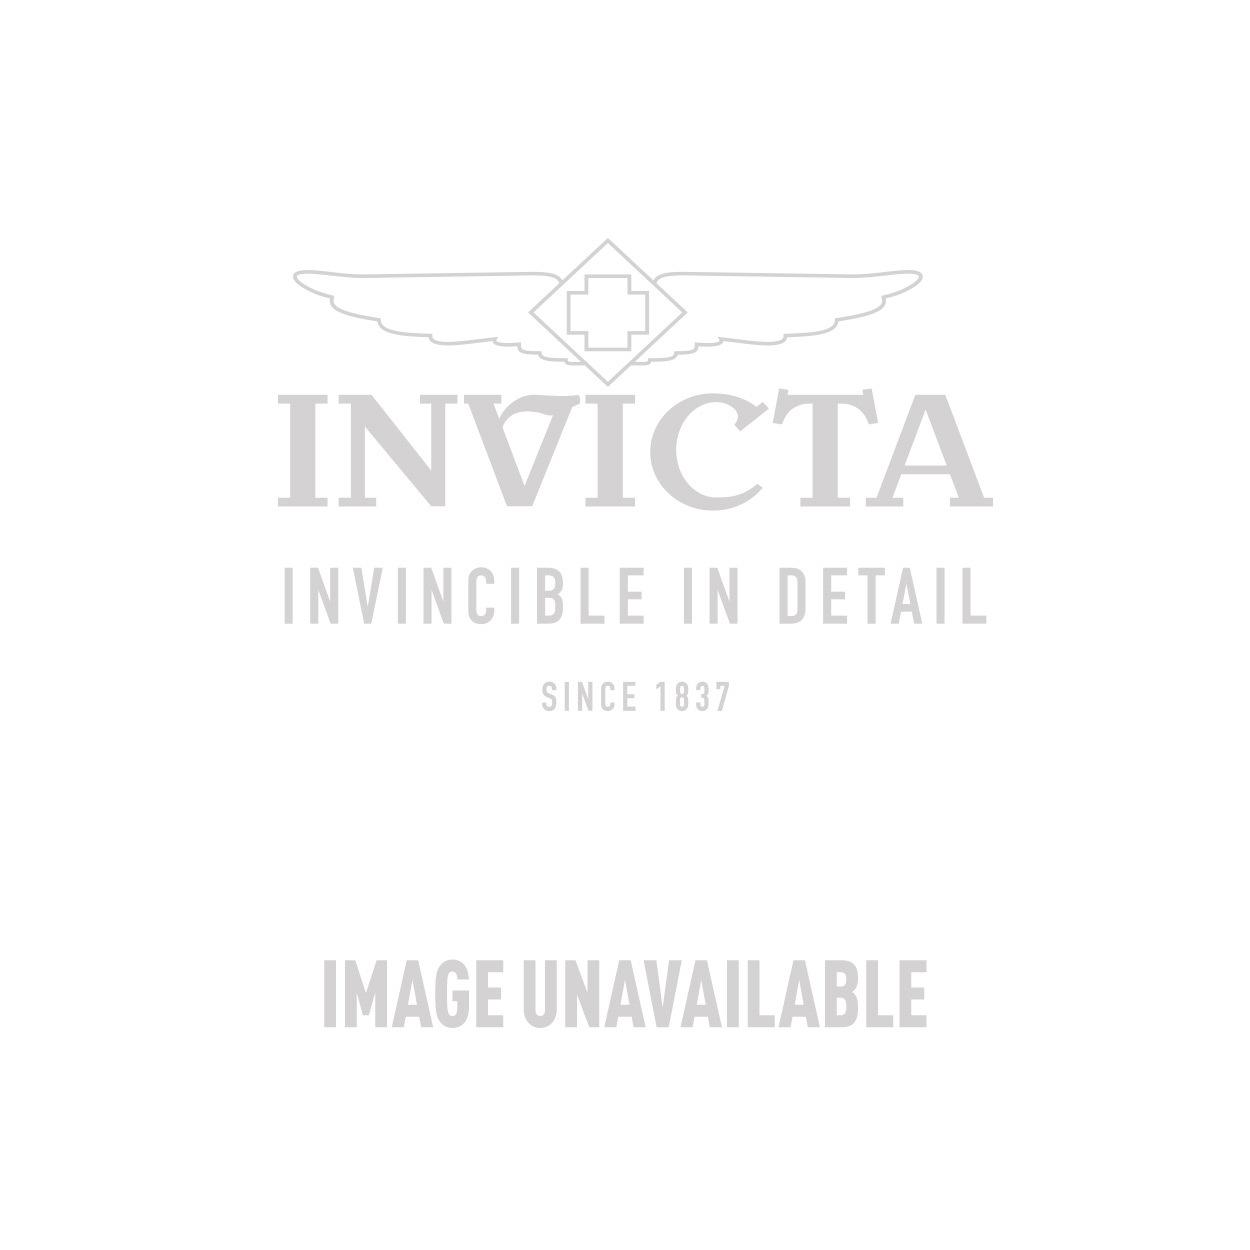 Invicta Model 28088